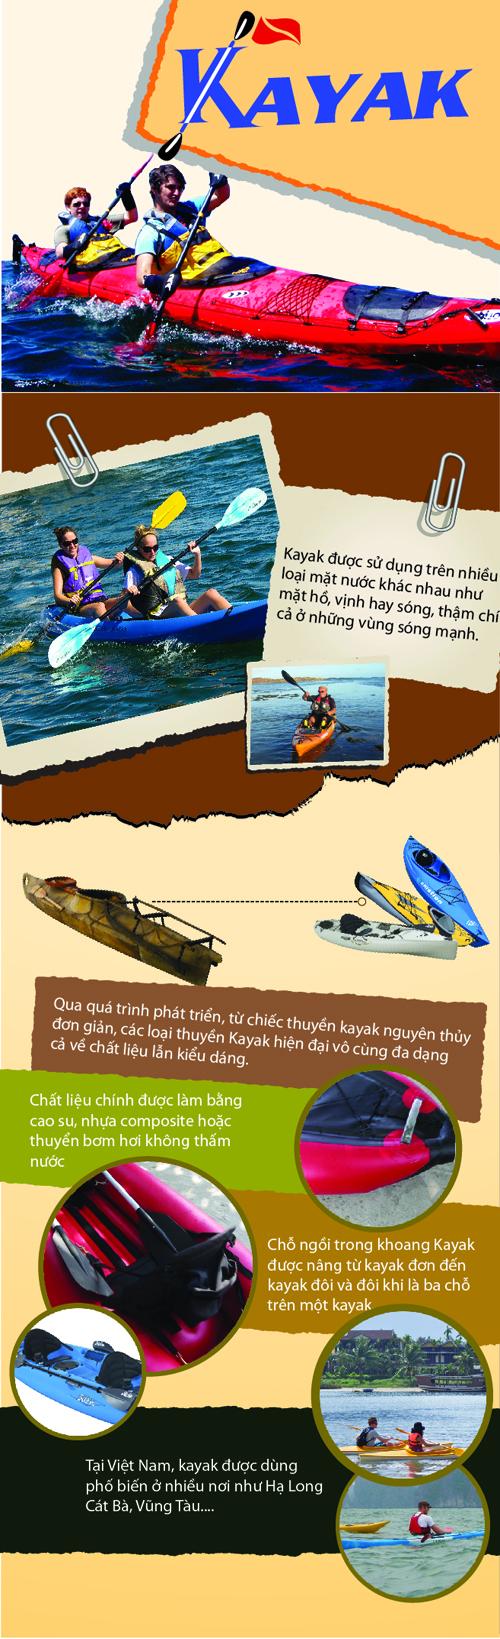 Kayak-2-7845-1403142347.jpg